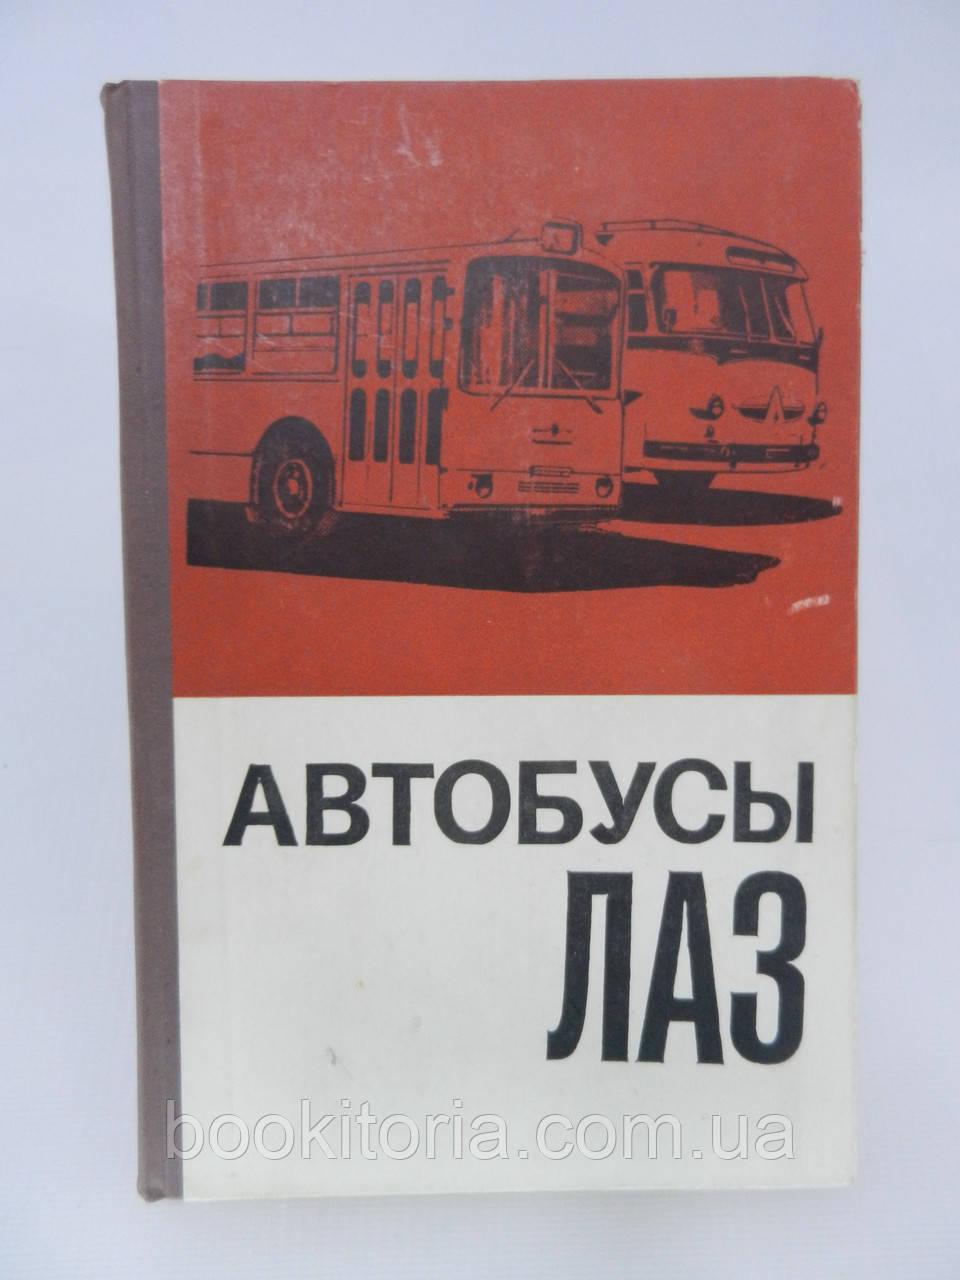 Атоян К.М. и др. Автобусы ЛАЗ (б/у).